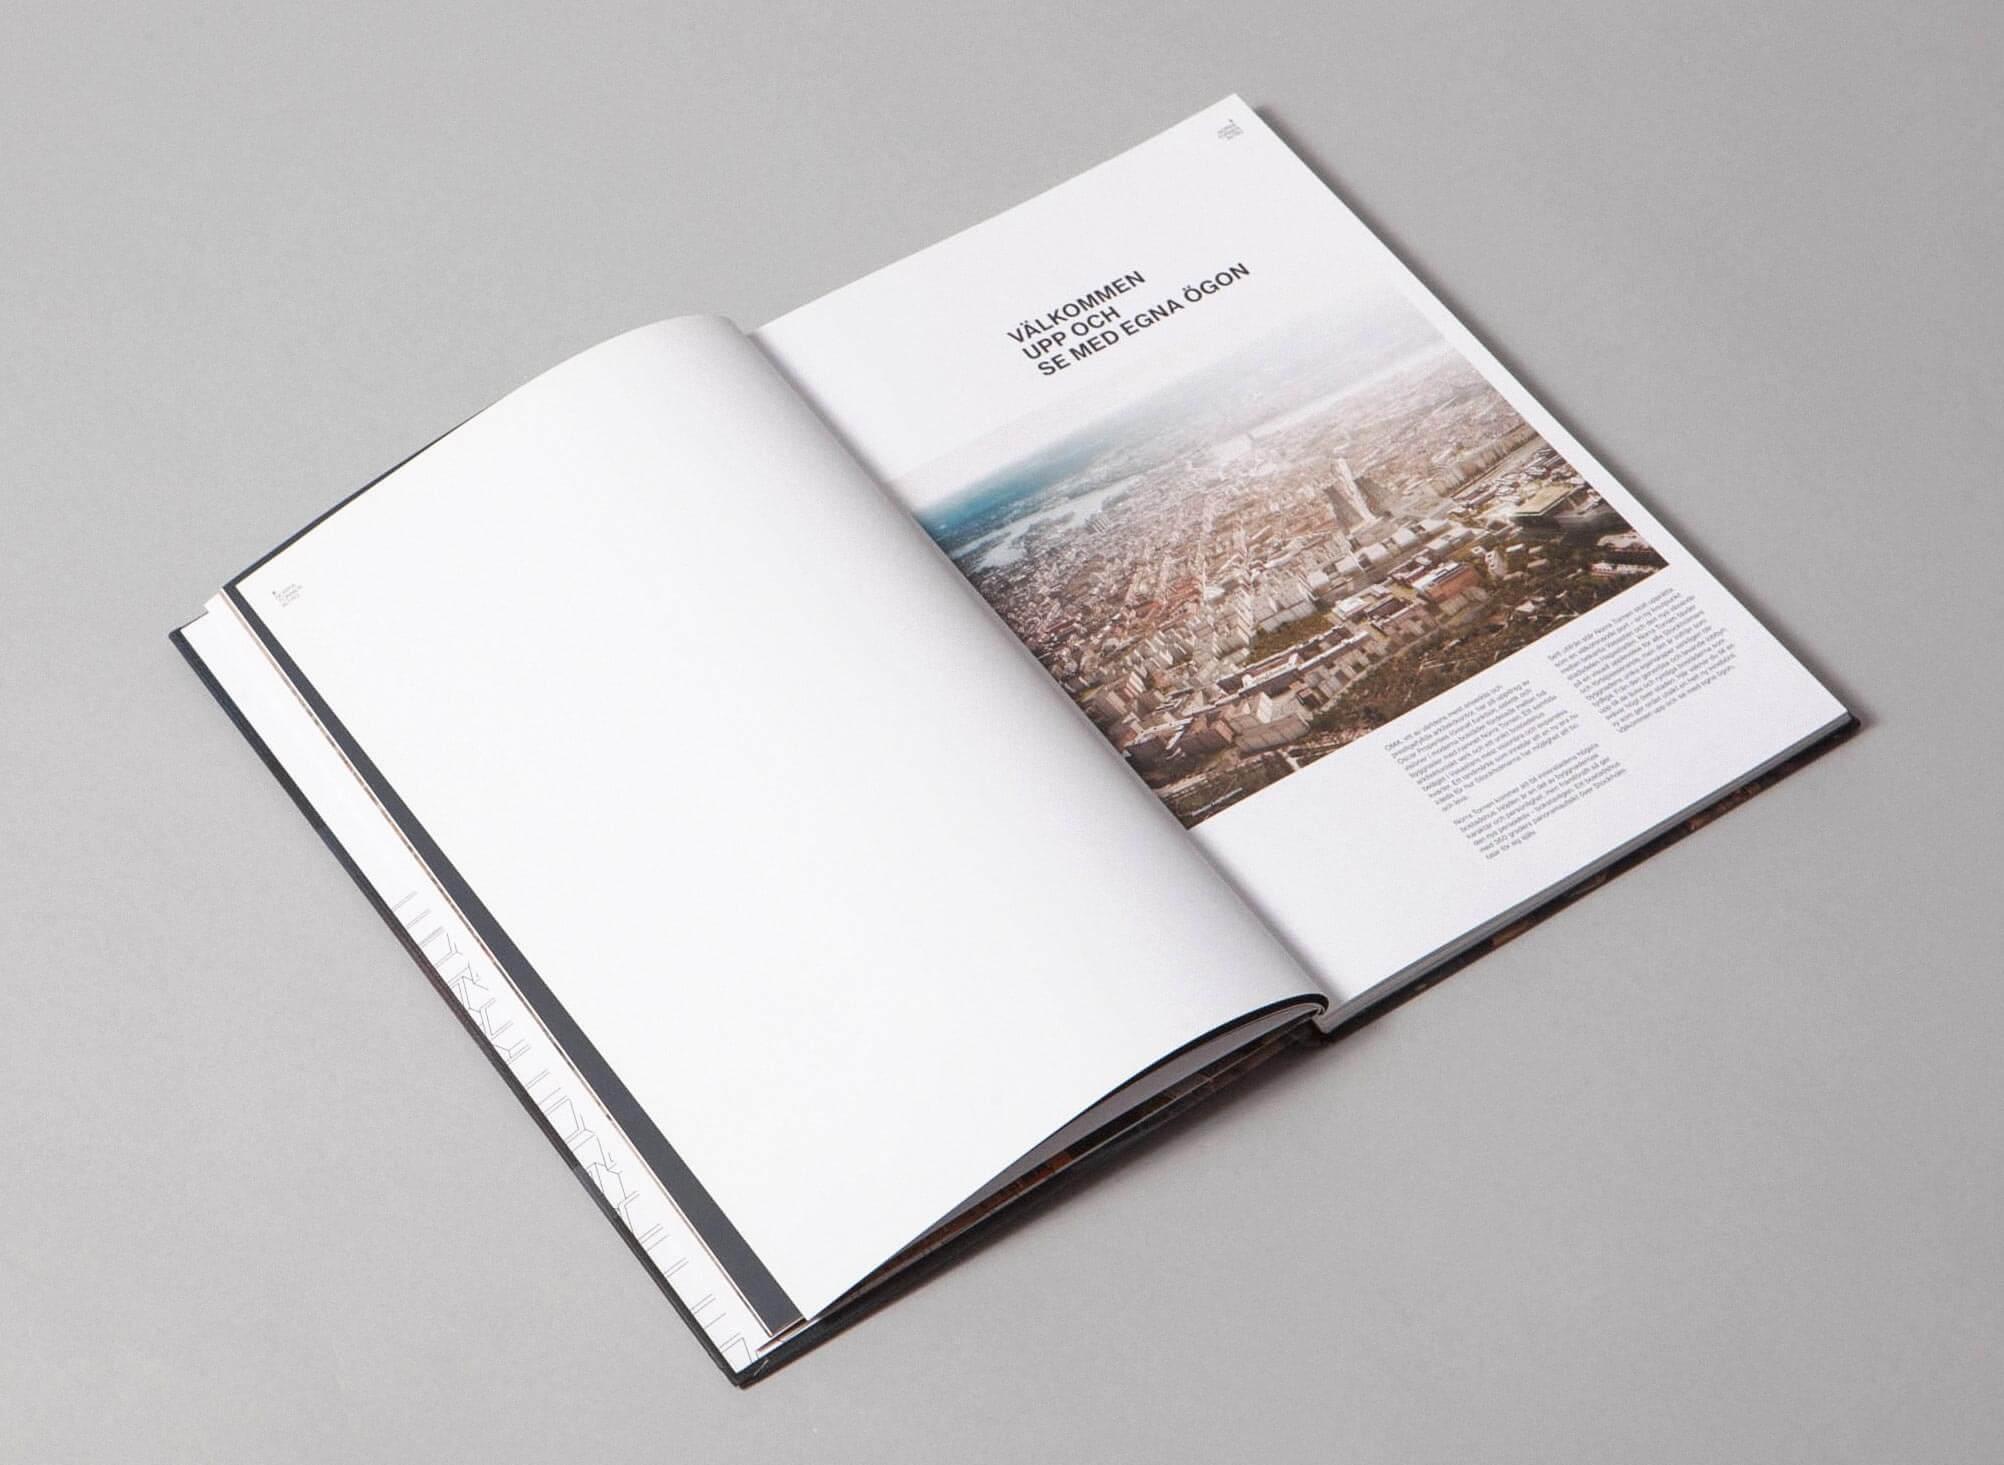 norra-tornen-book-6